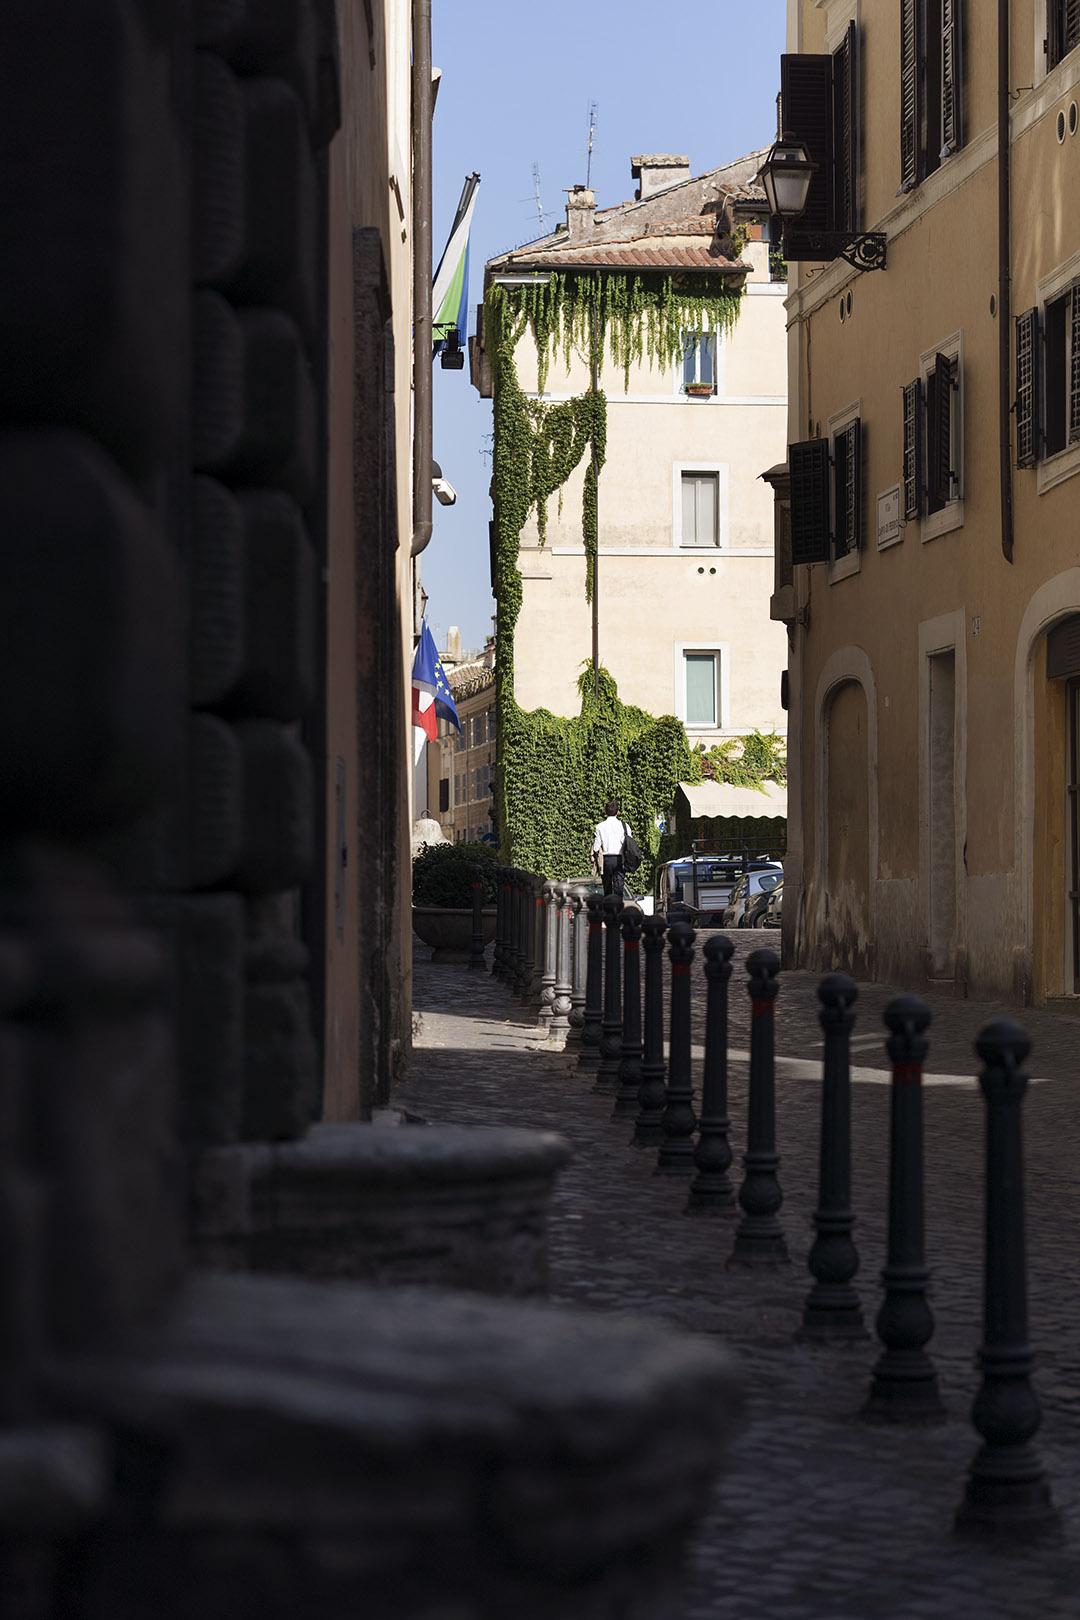 _nf - Roma, vicoli del centro